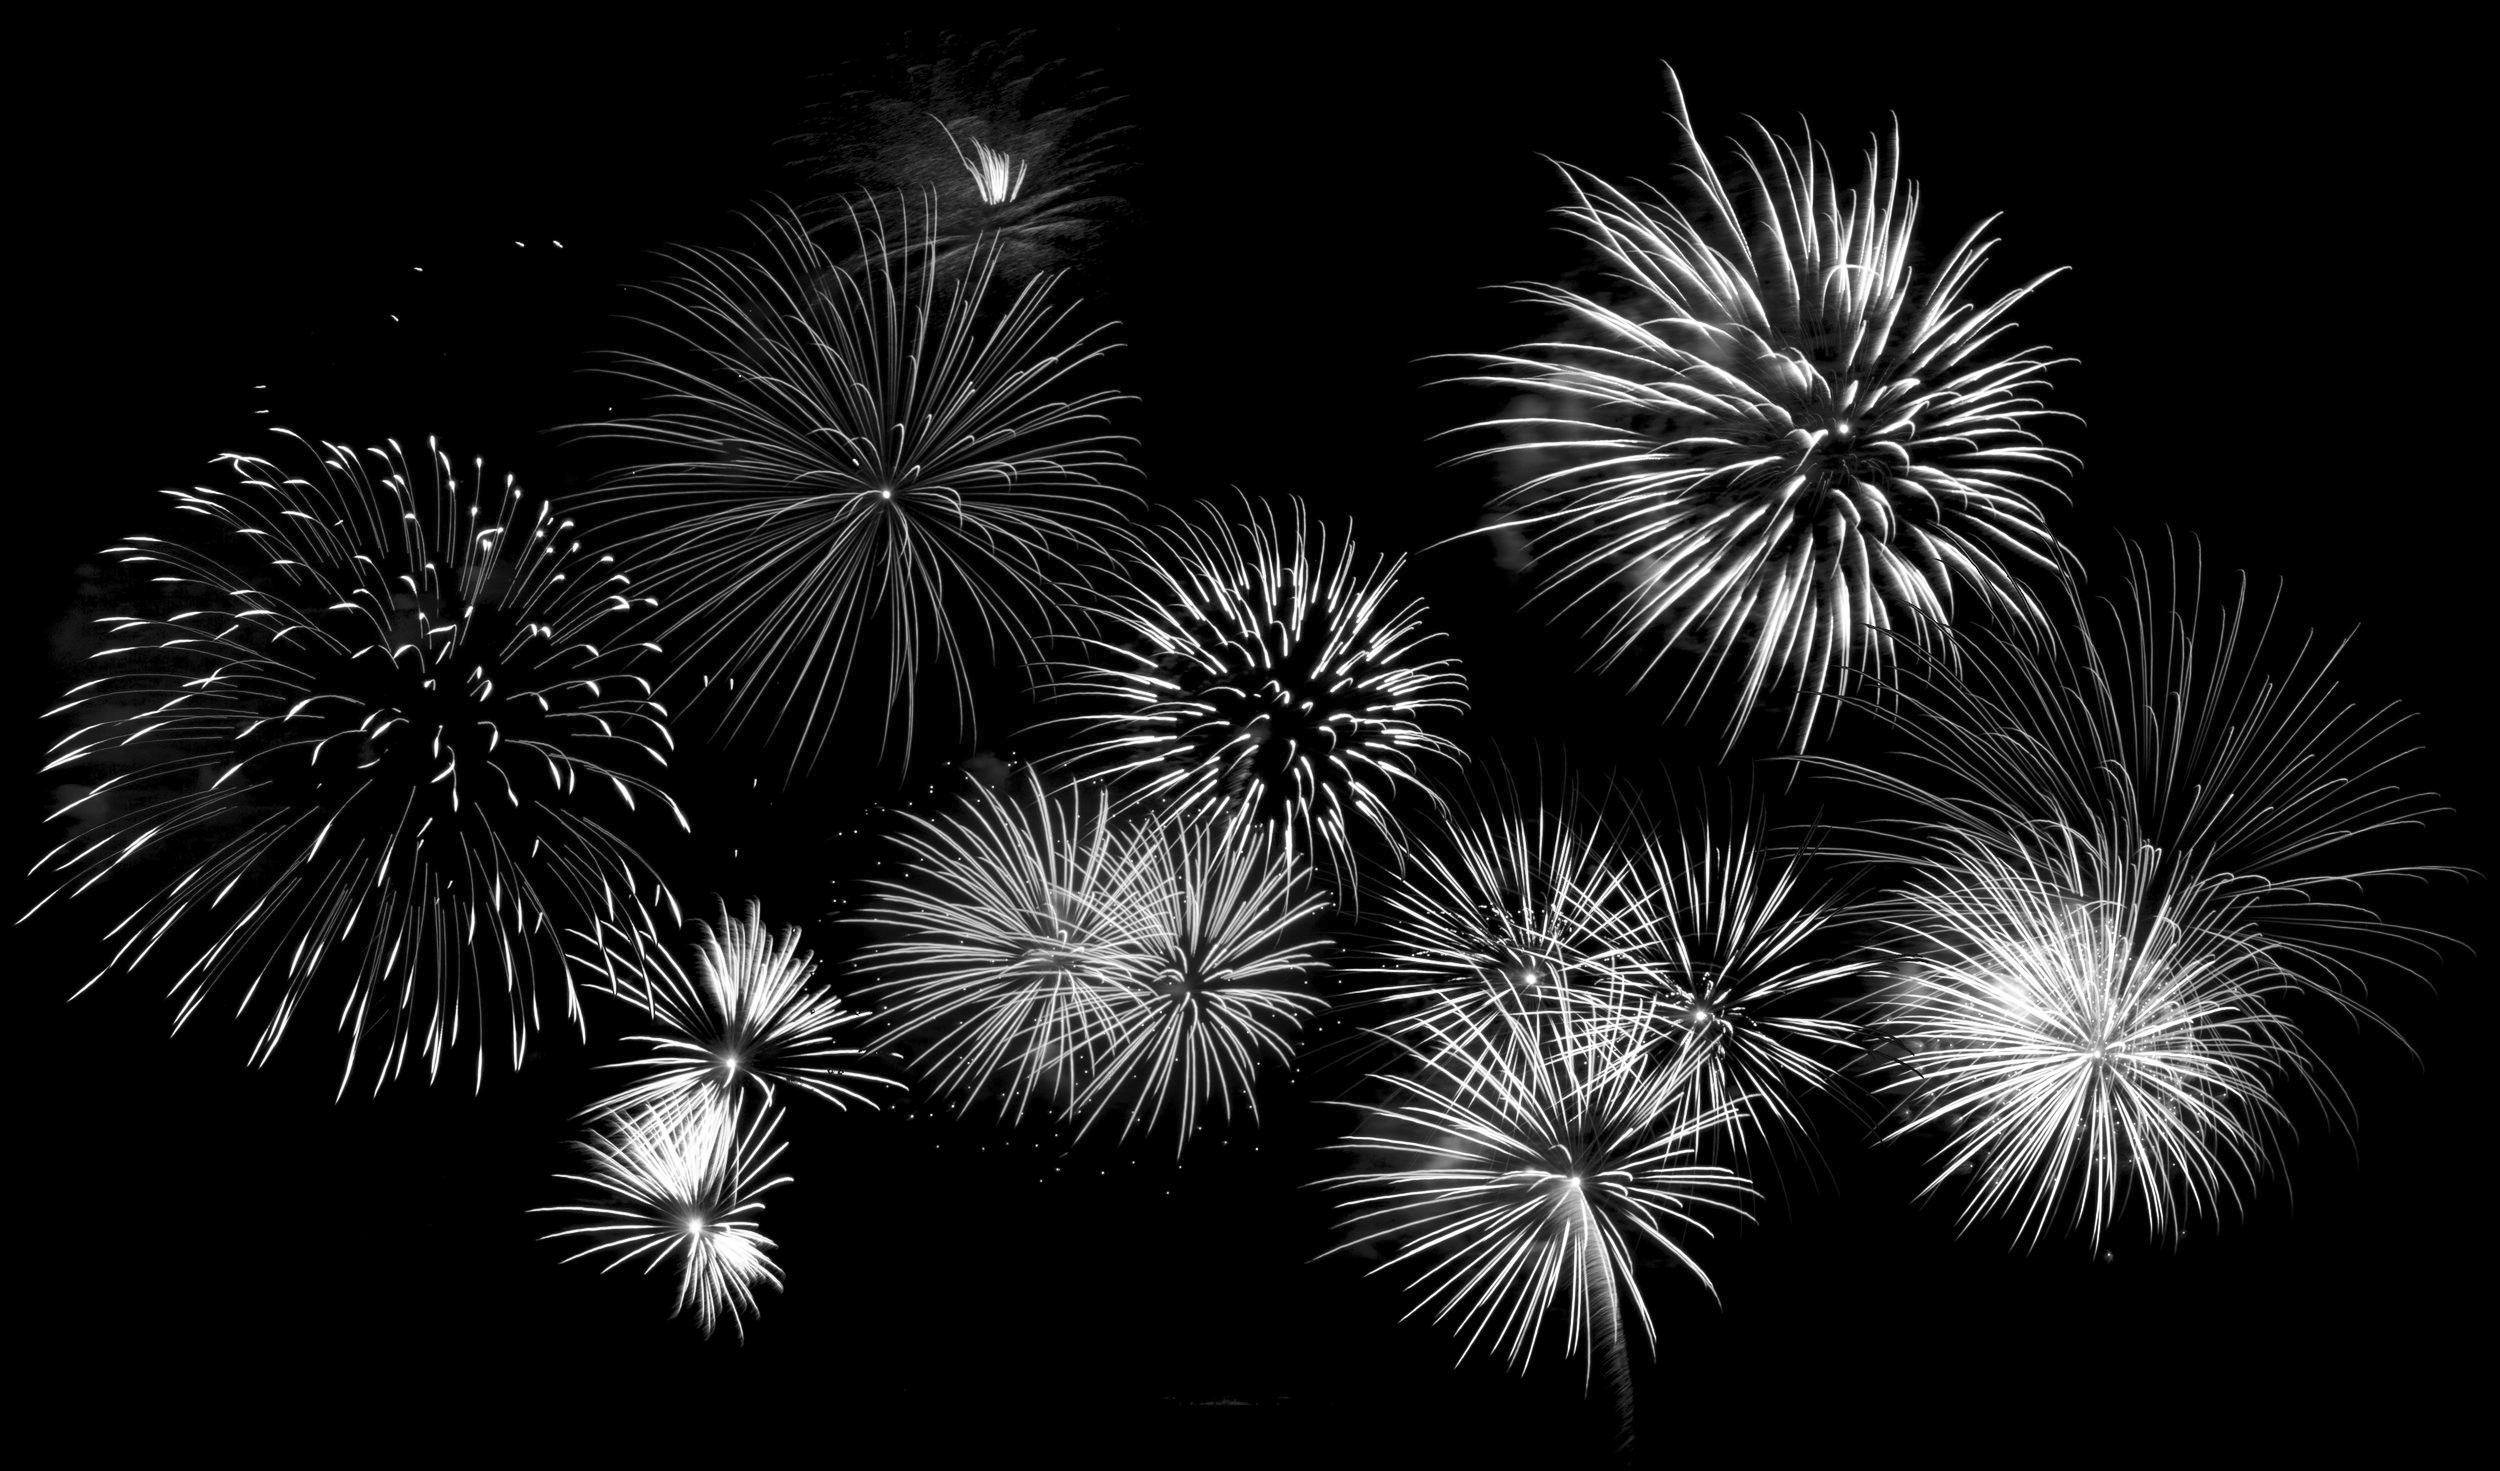 Fireworks by Adam Carter